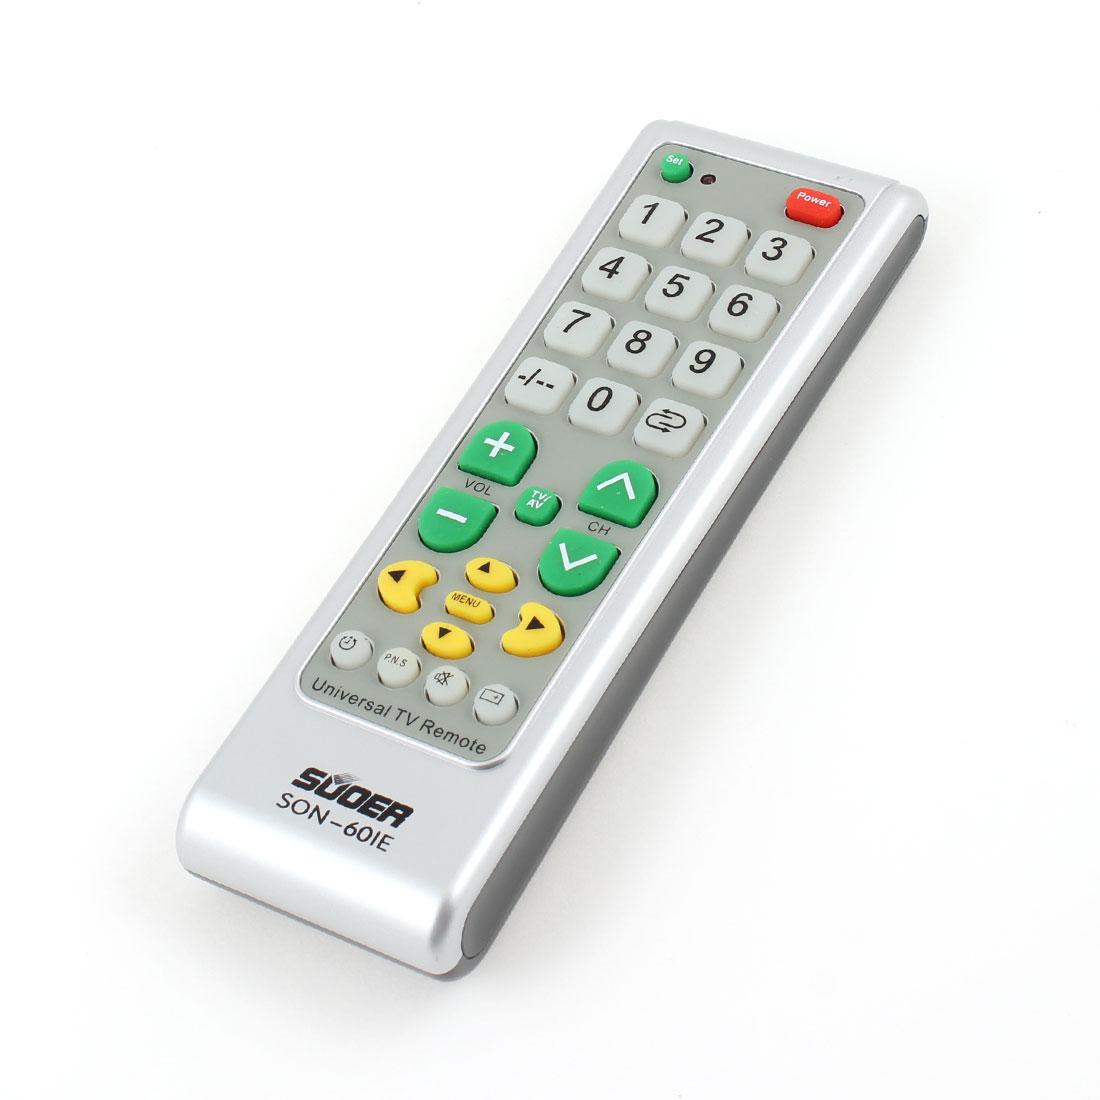 SON-601E Home Tri Color Electric TV SET Universal Remote Control Controller